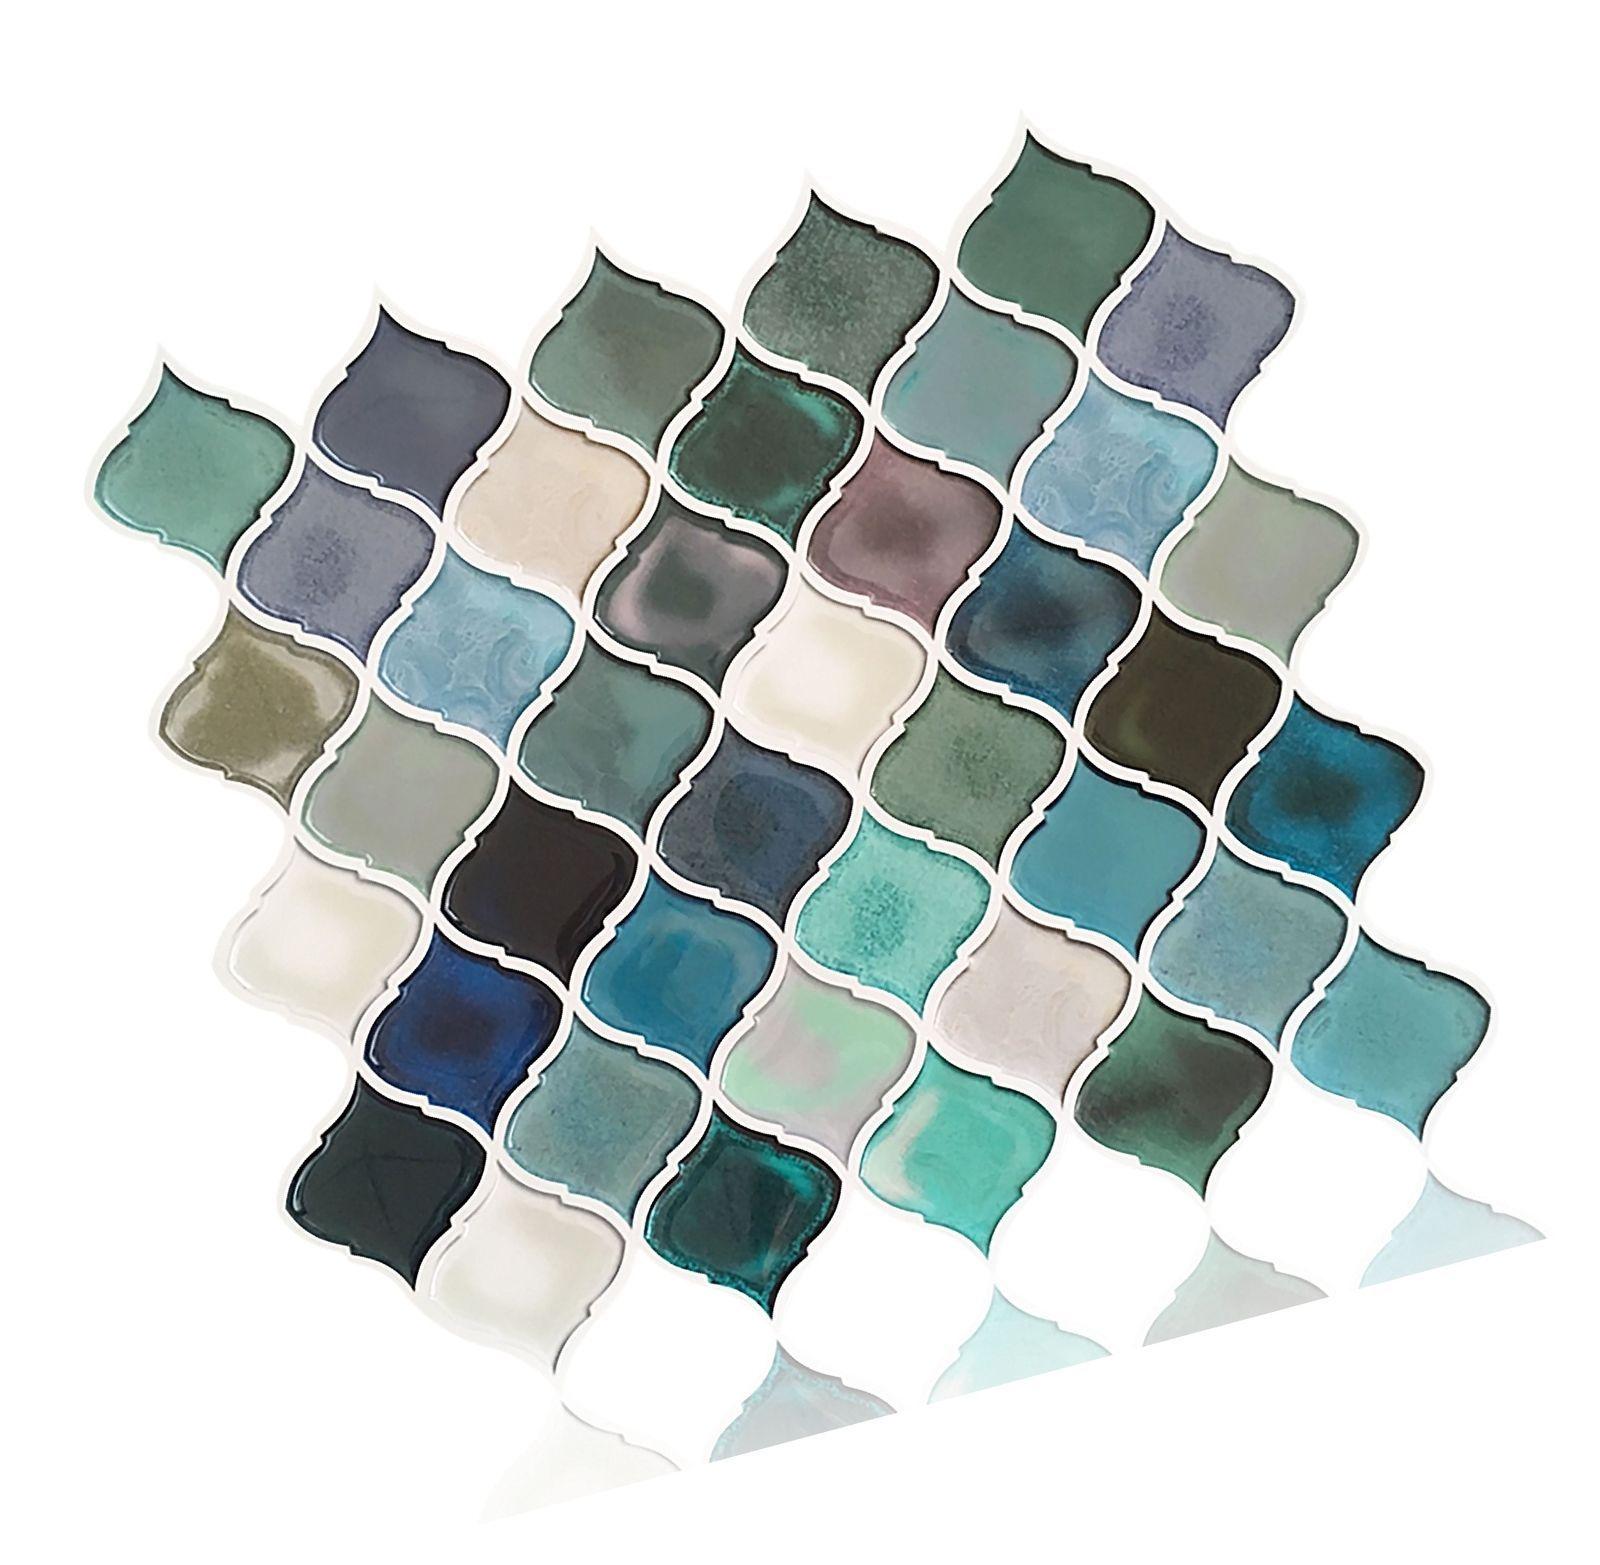 - Peel And Stick Tile Backsplash For Kitchen Bathroom,Teal Arabesque